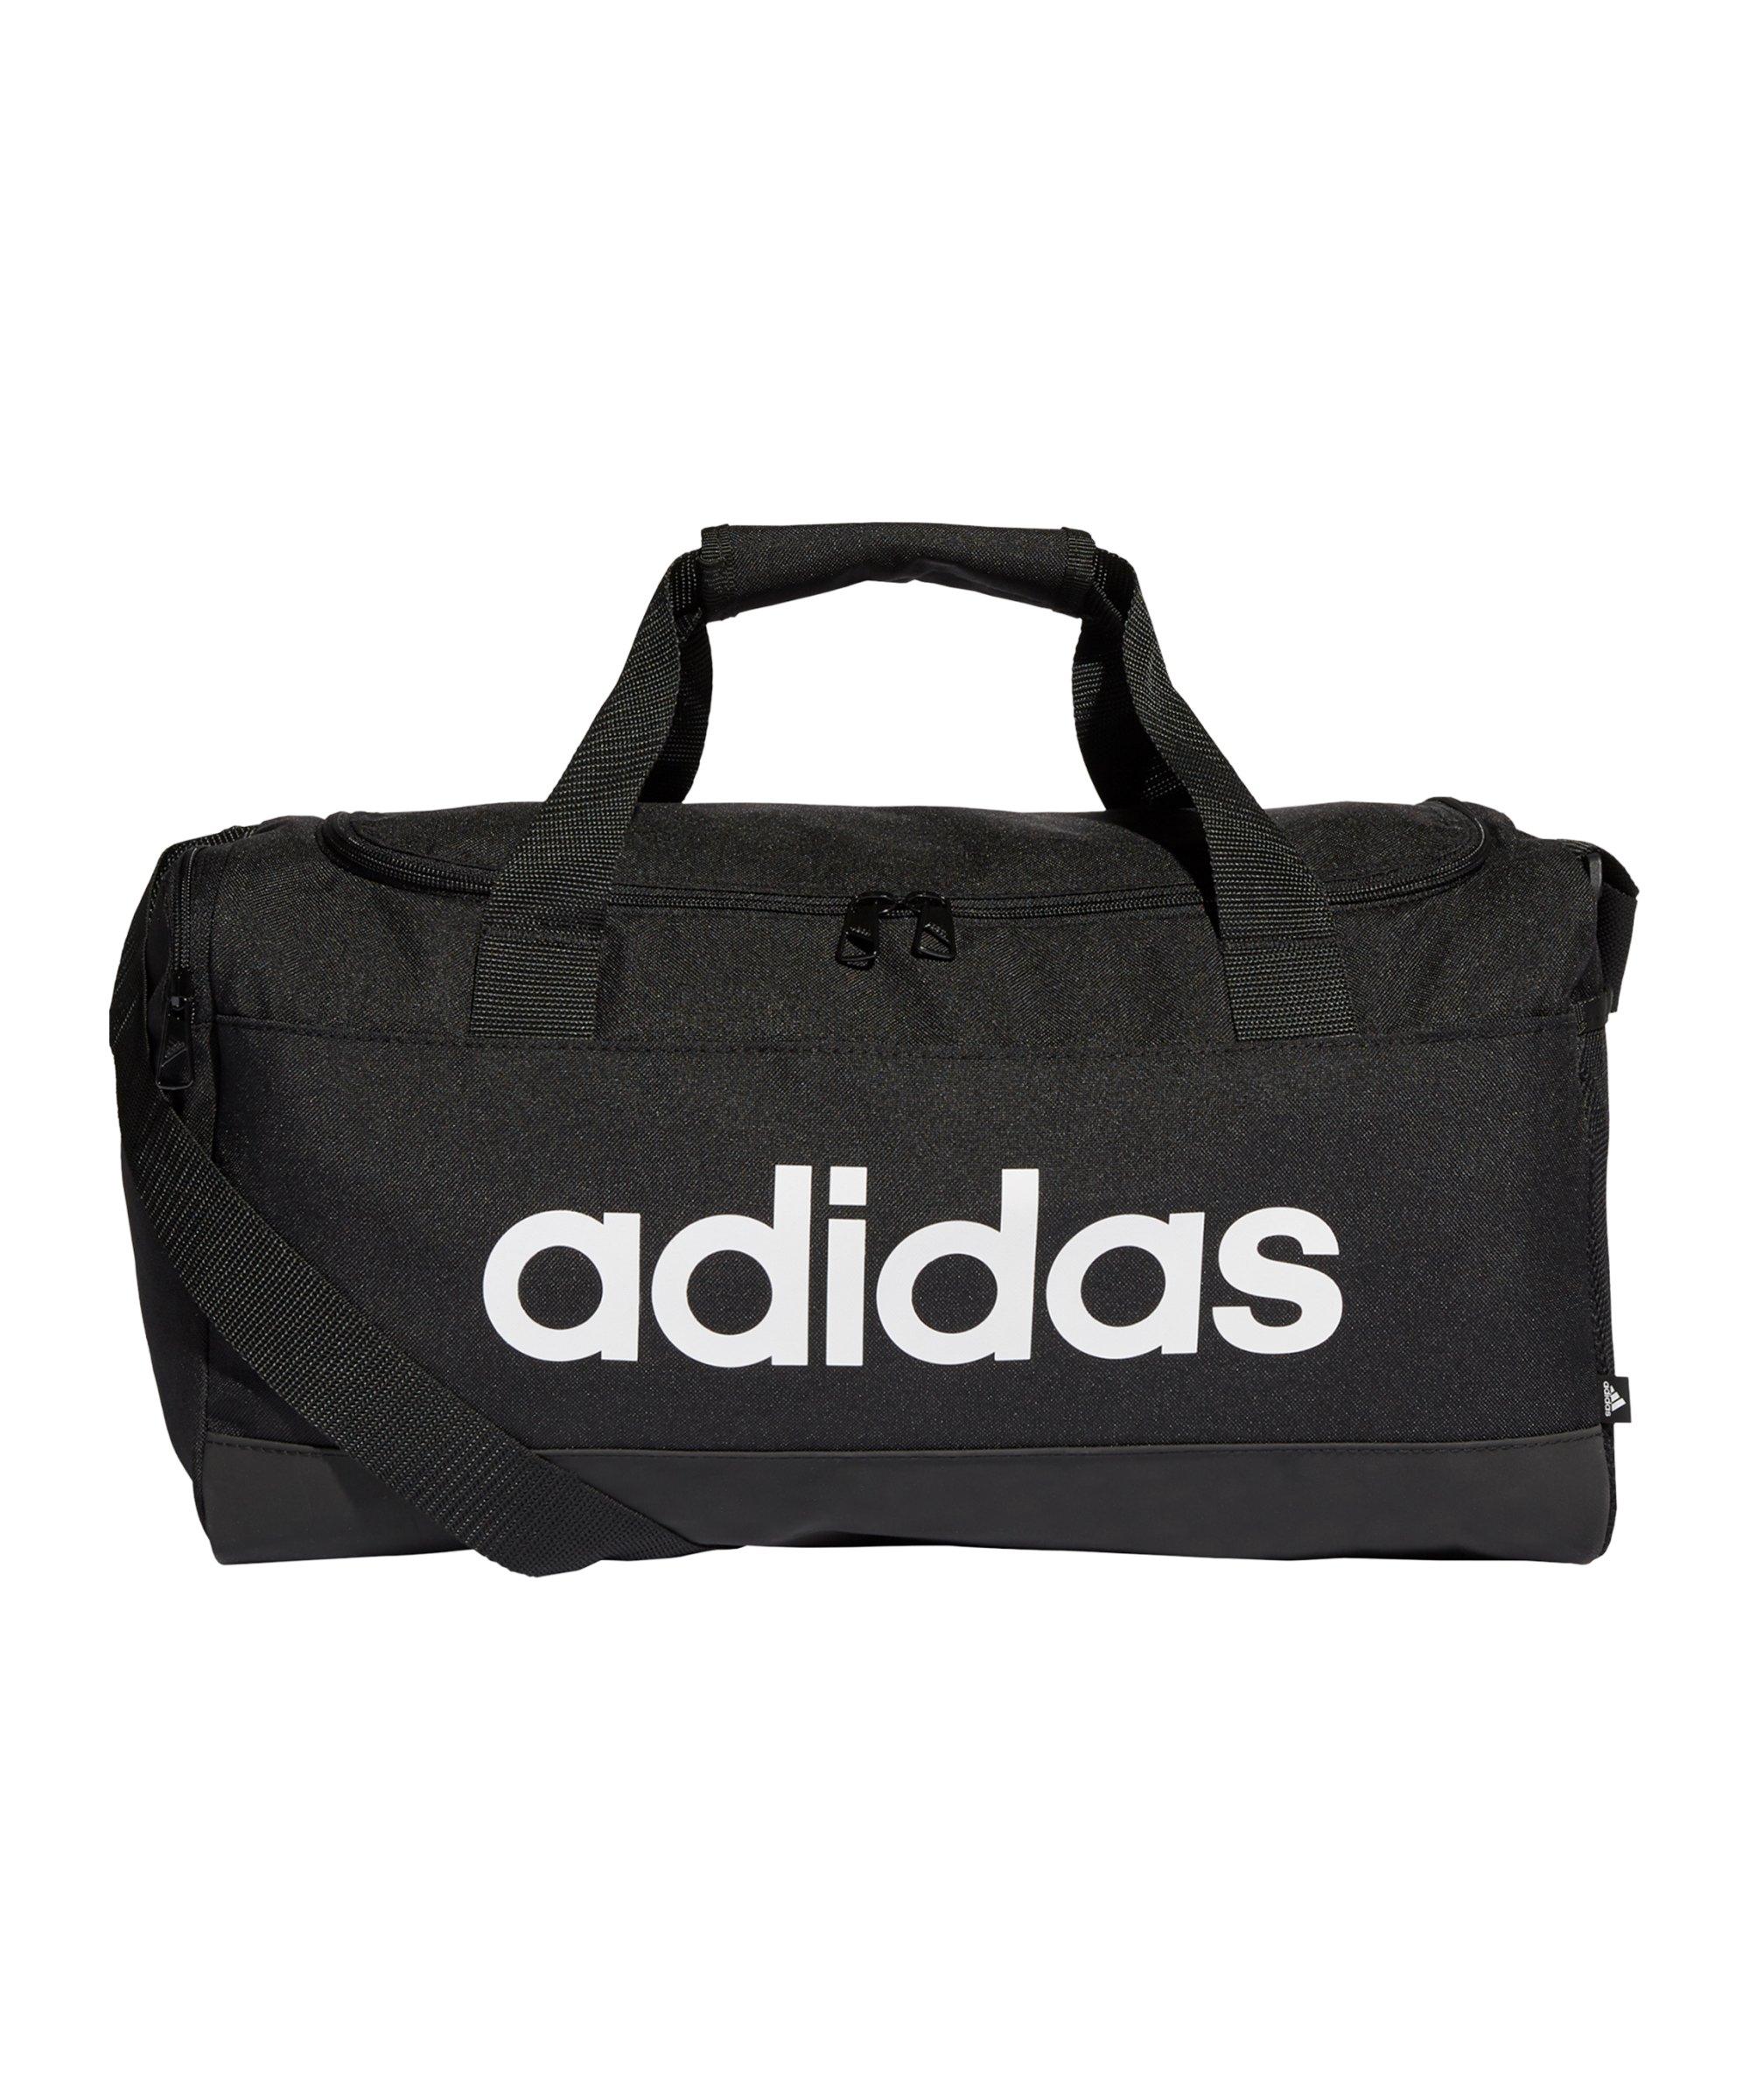 adidas Essentials Duffelbag Gr. XS Schwarz Weiss - schwarz